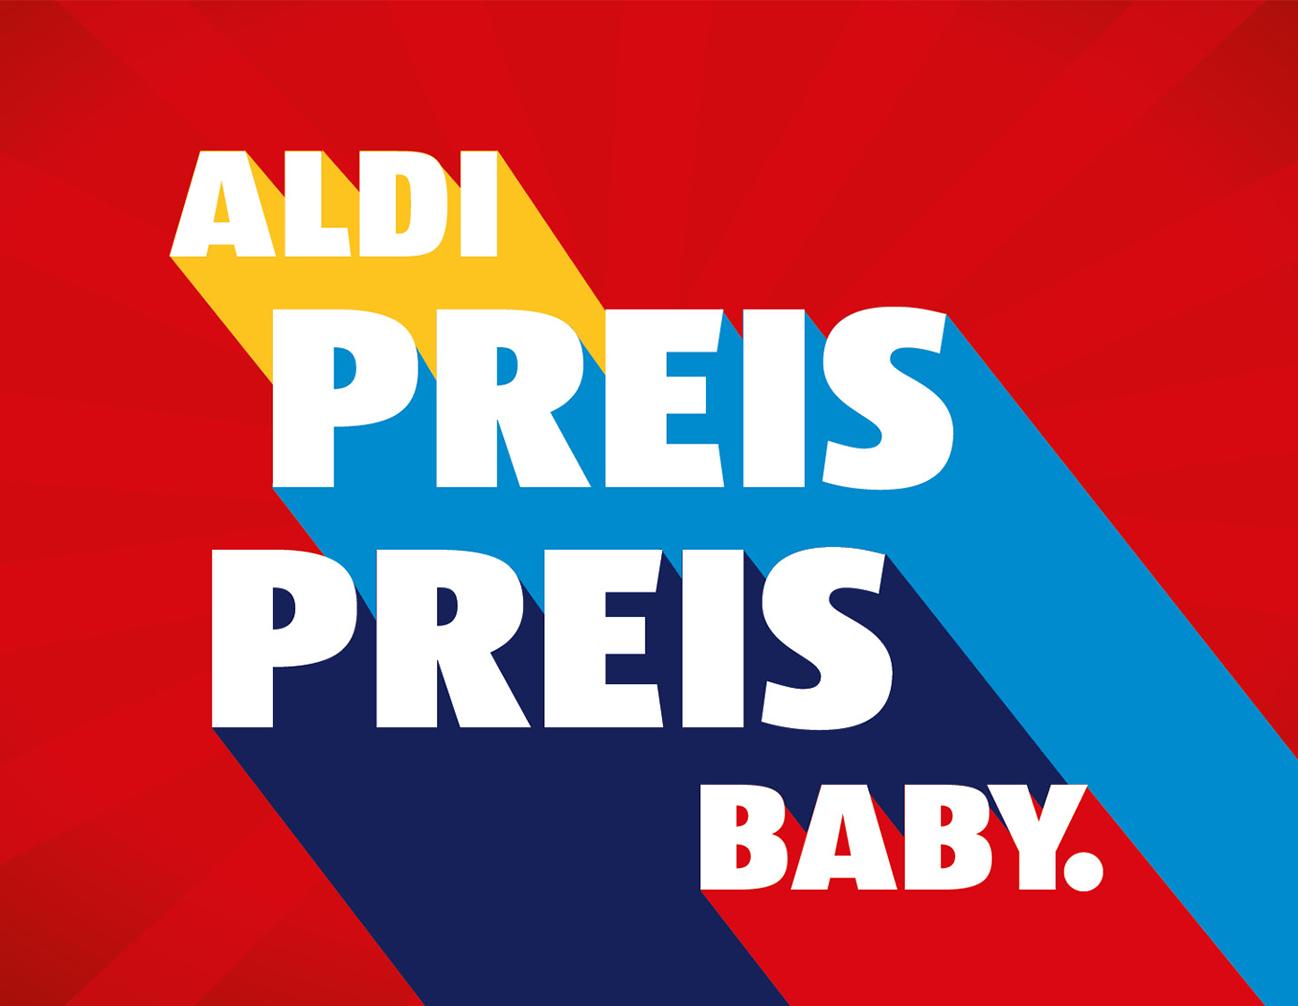 PREIS PREIS BABY